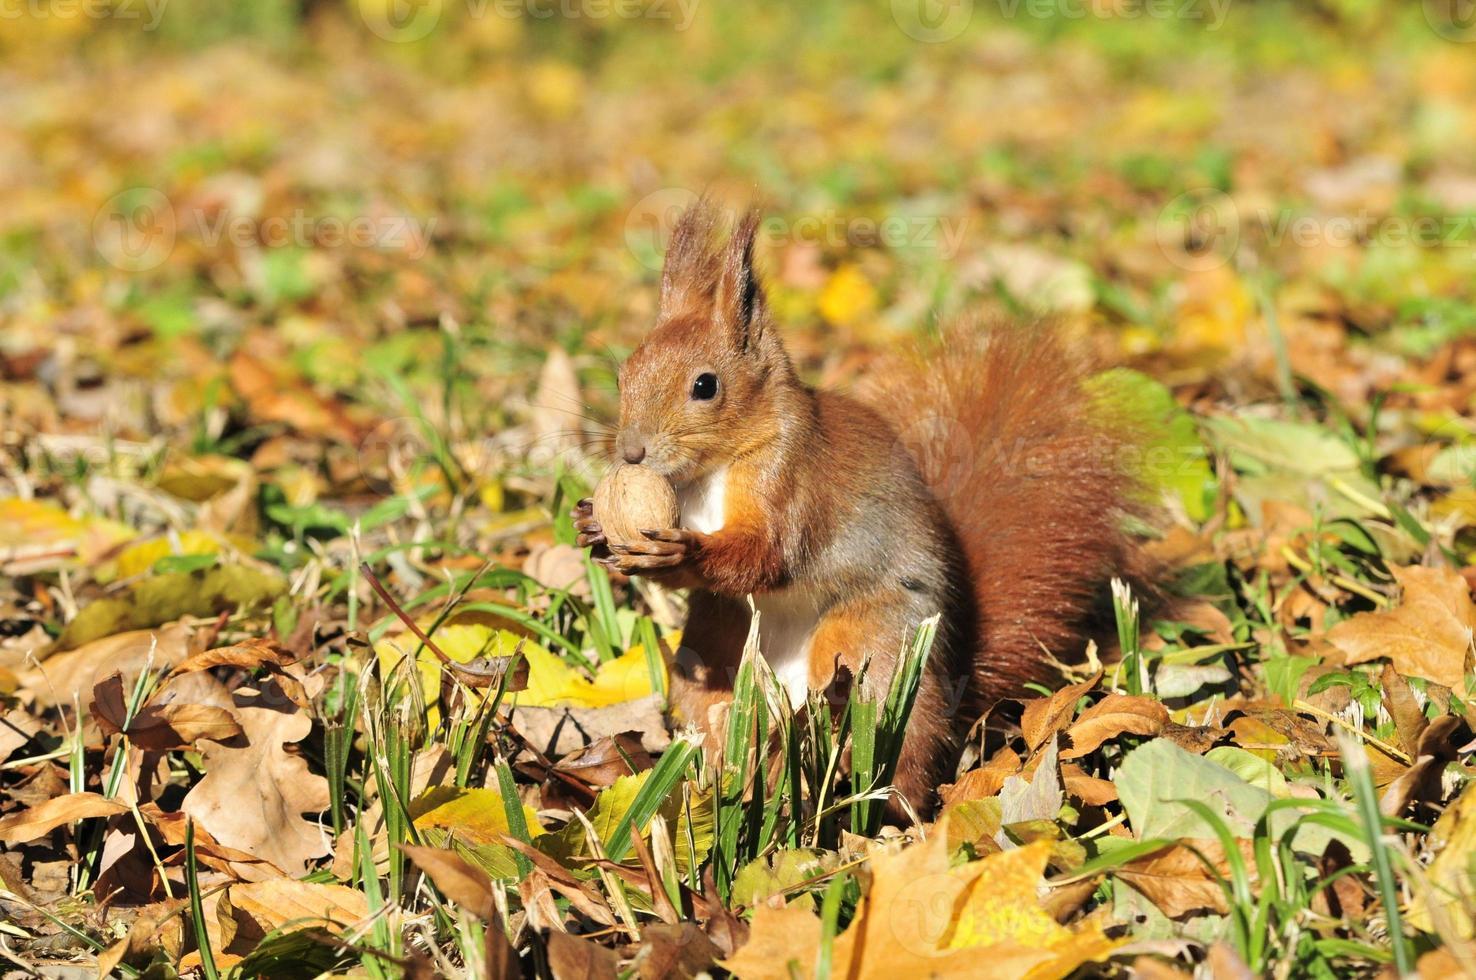 . scoiattolo - un roditore della famiglia scoiattolo. foto